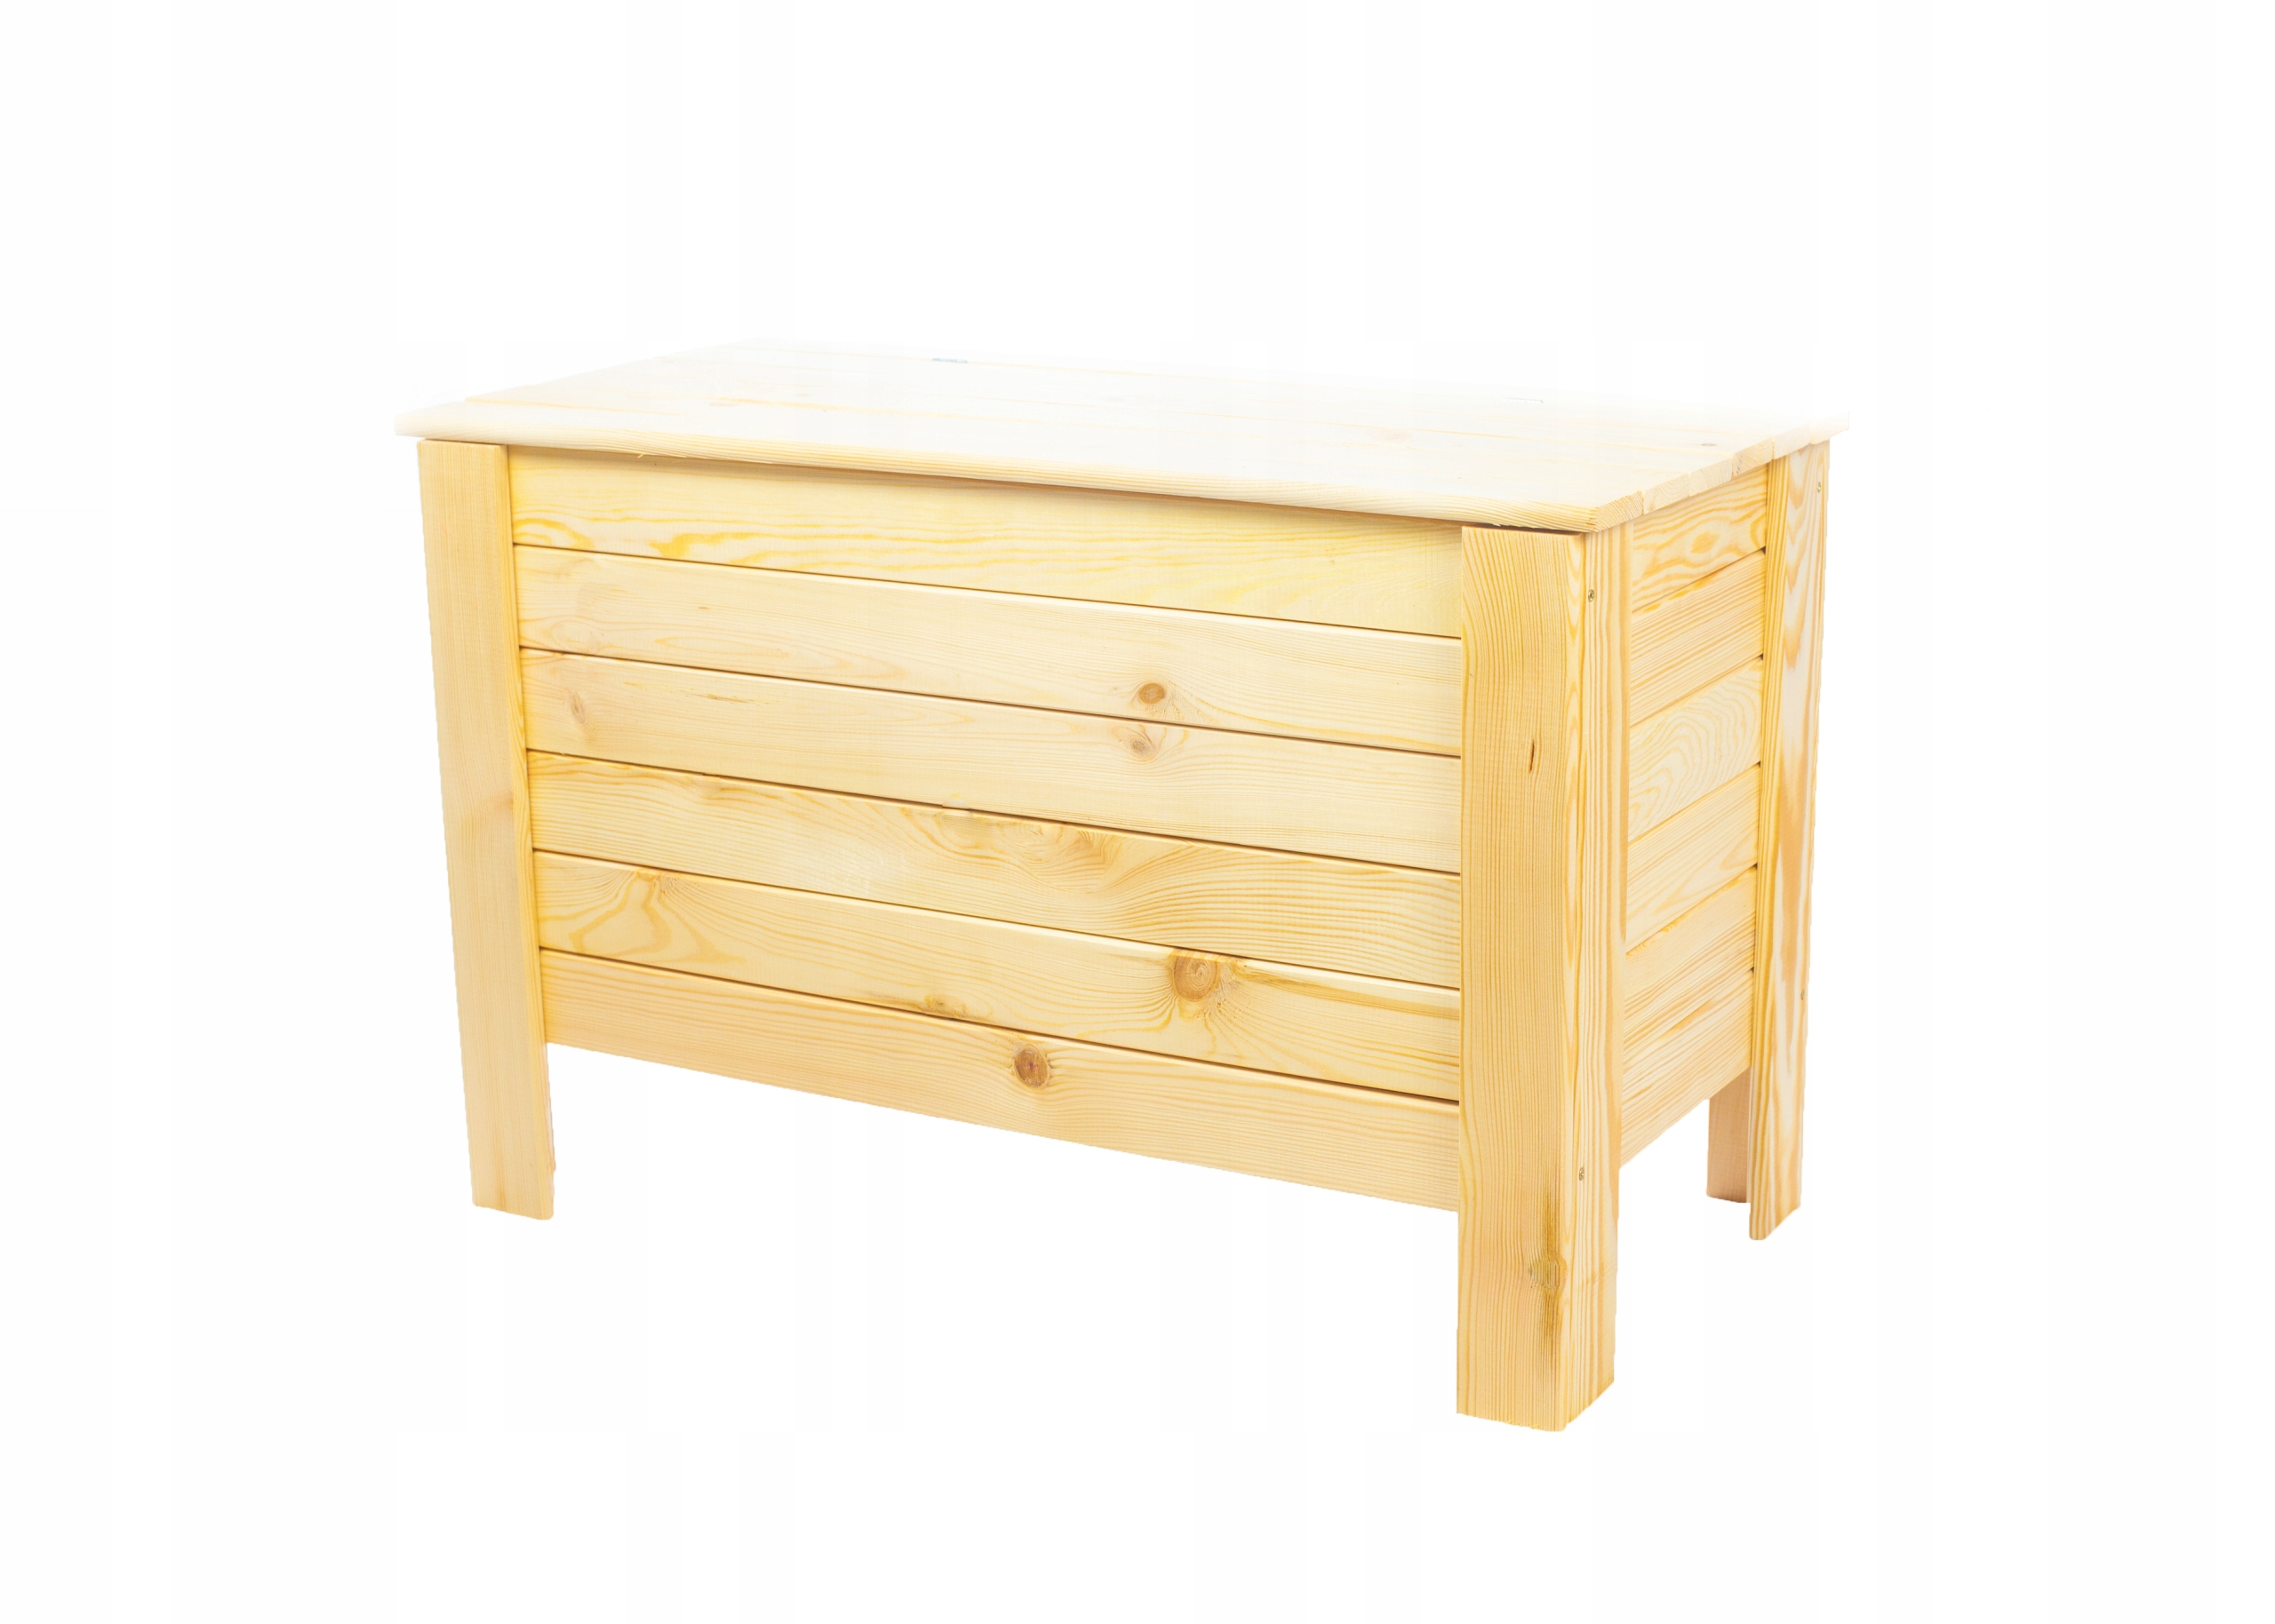 Drevený záhradný box úložný prípade kontajner, lavička